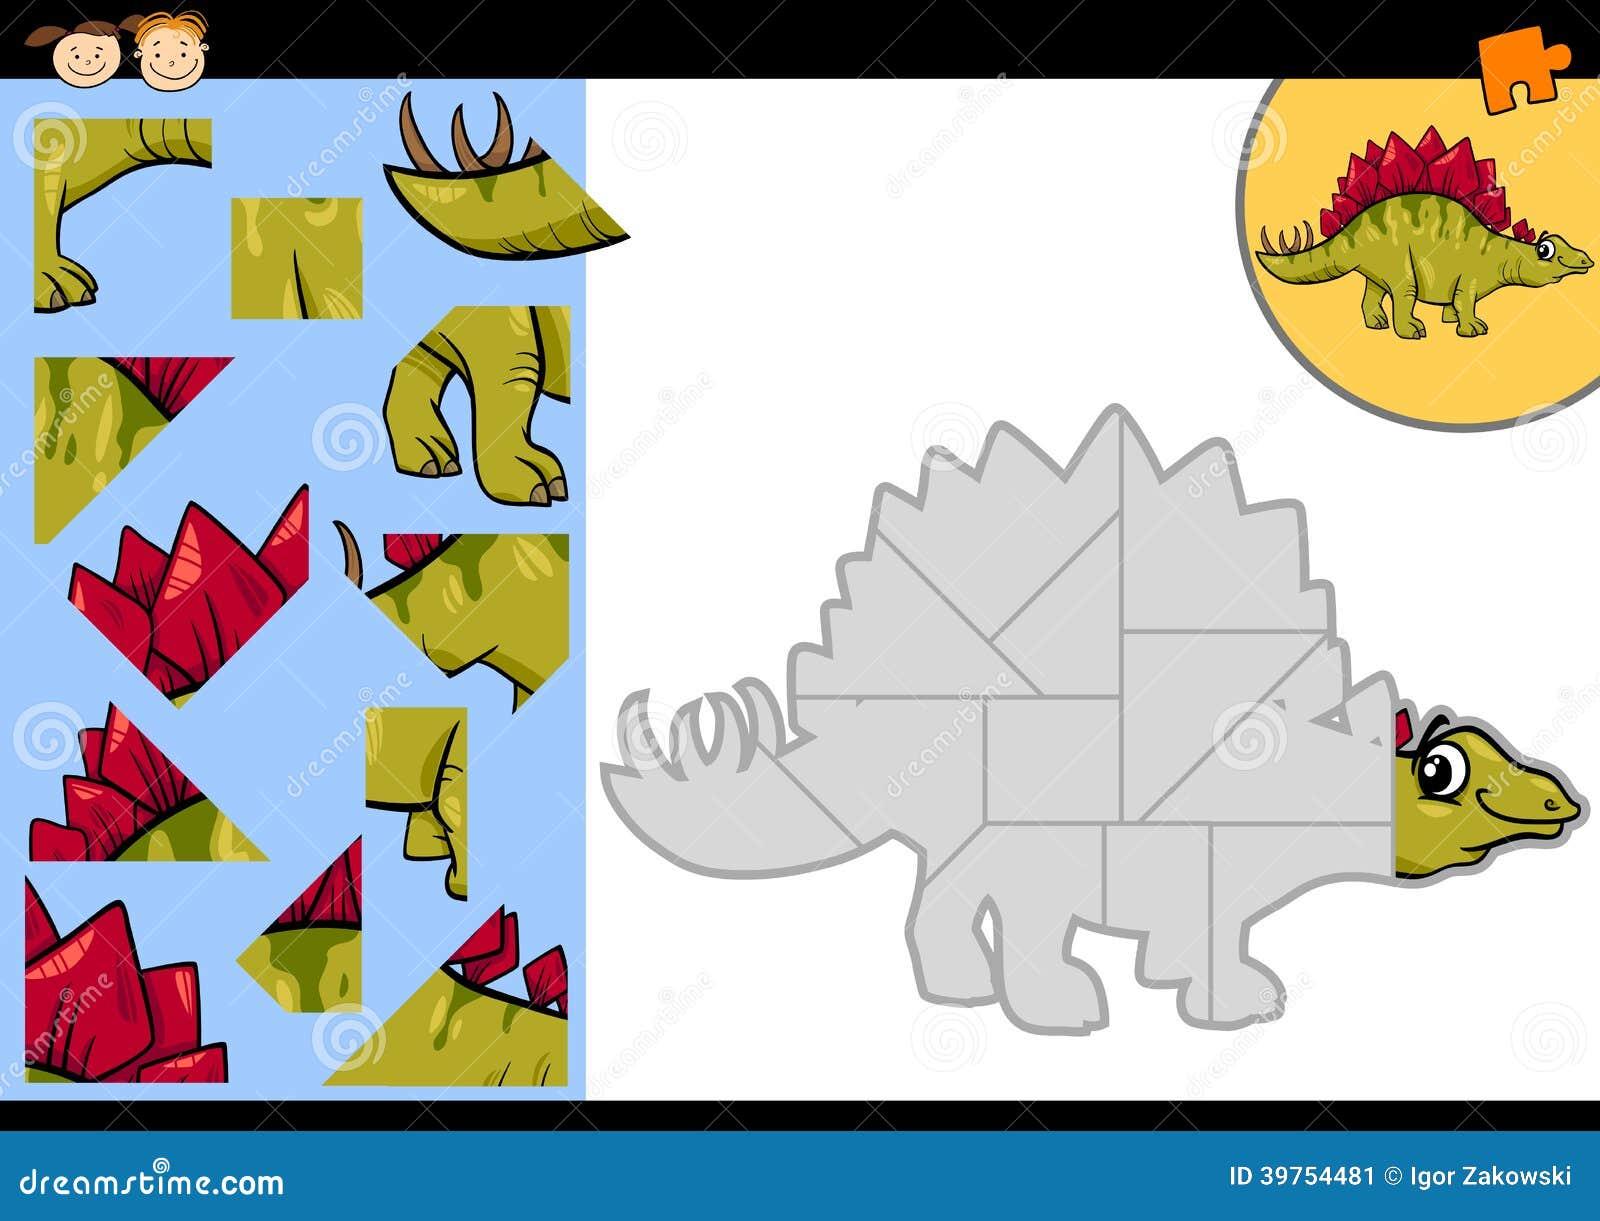 教育学龄前孩子的七巧板比赛的动画片例证有滑稽的剑龙恐龙字符的.图片